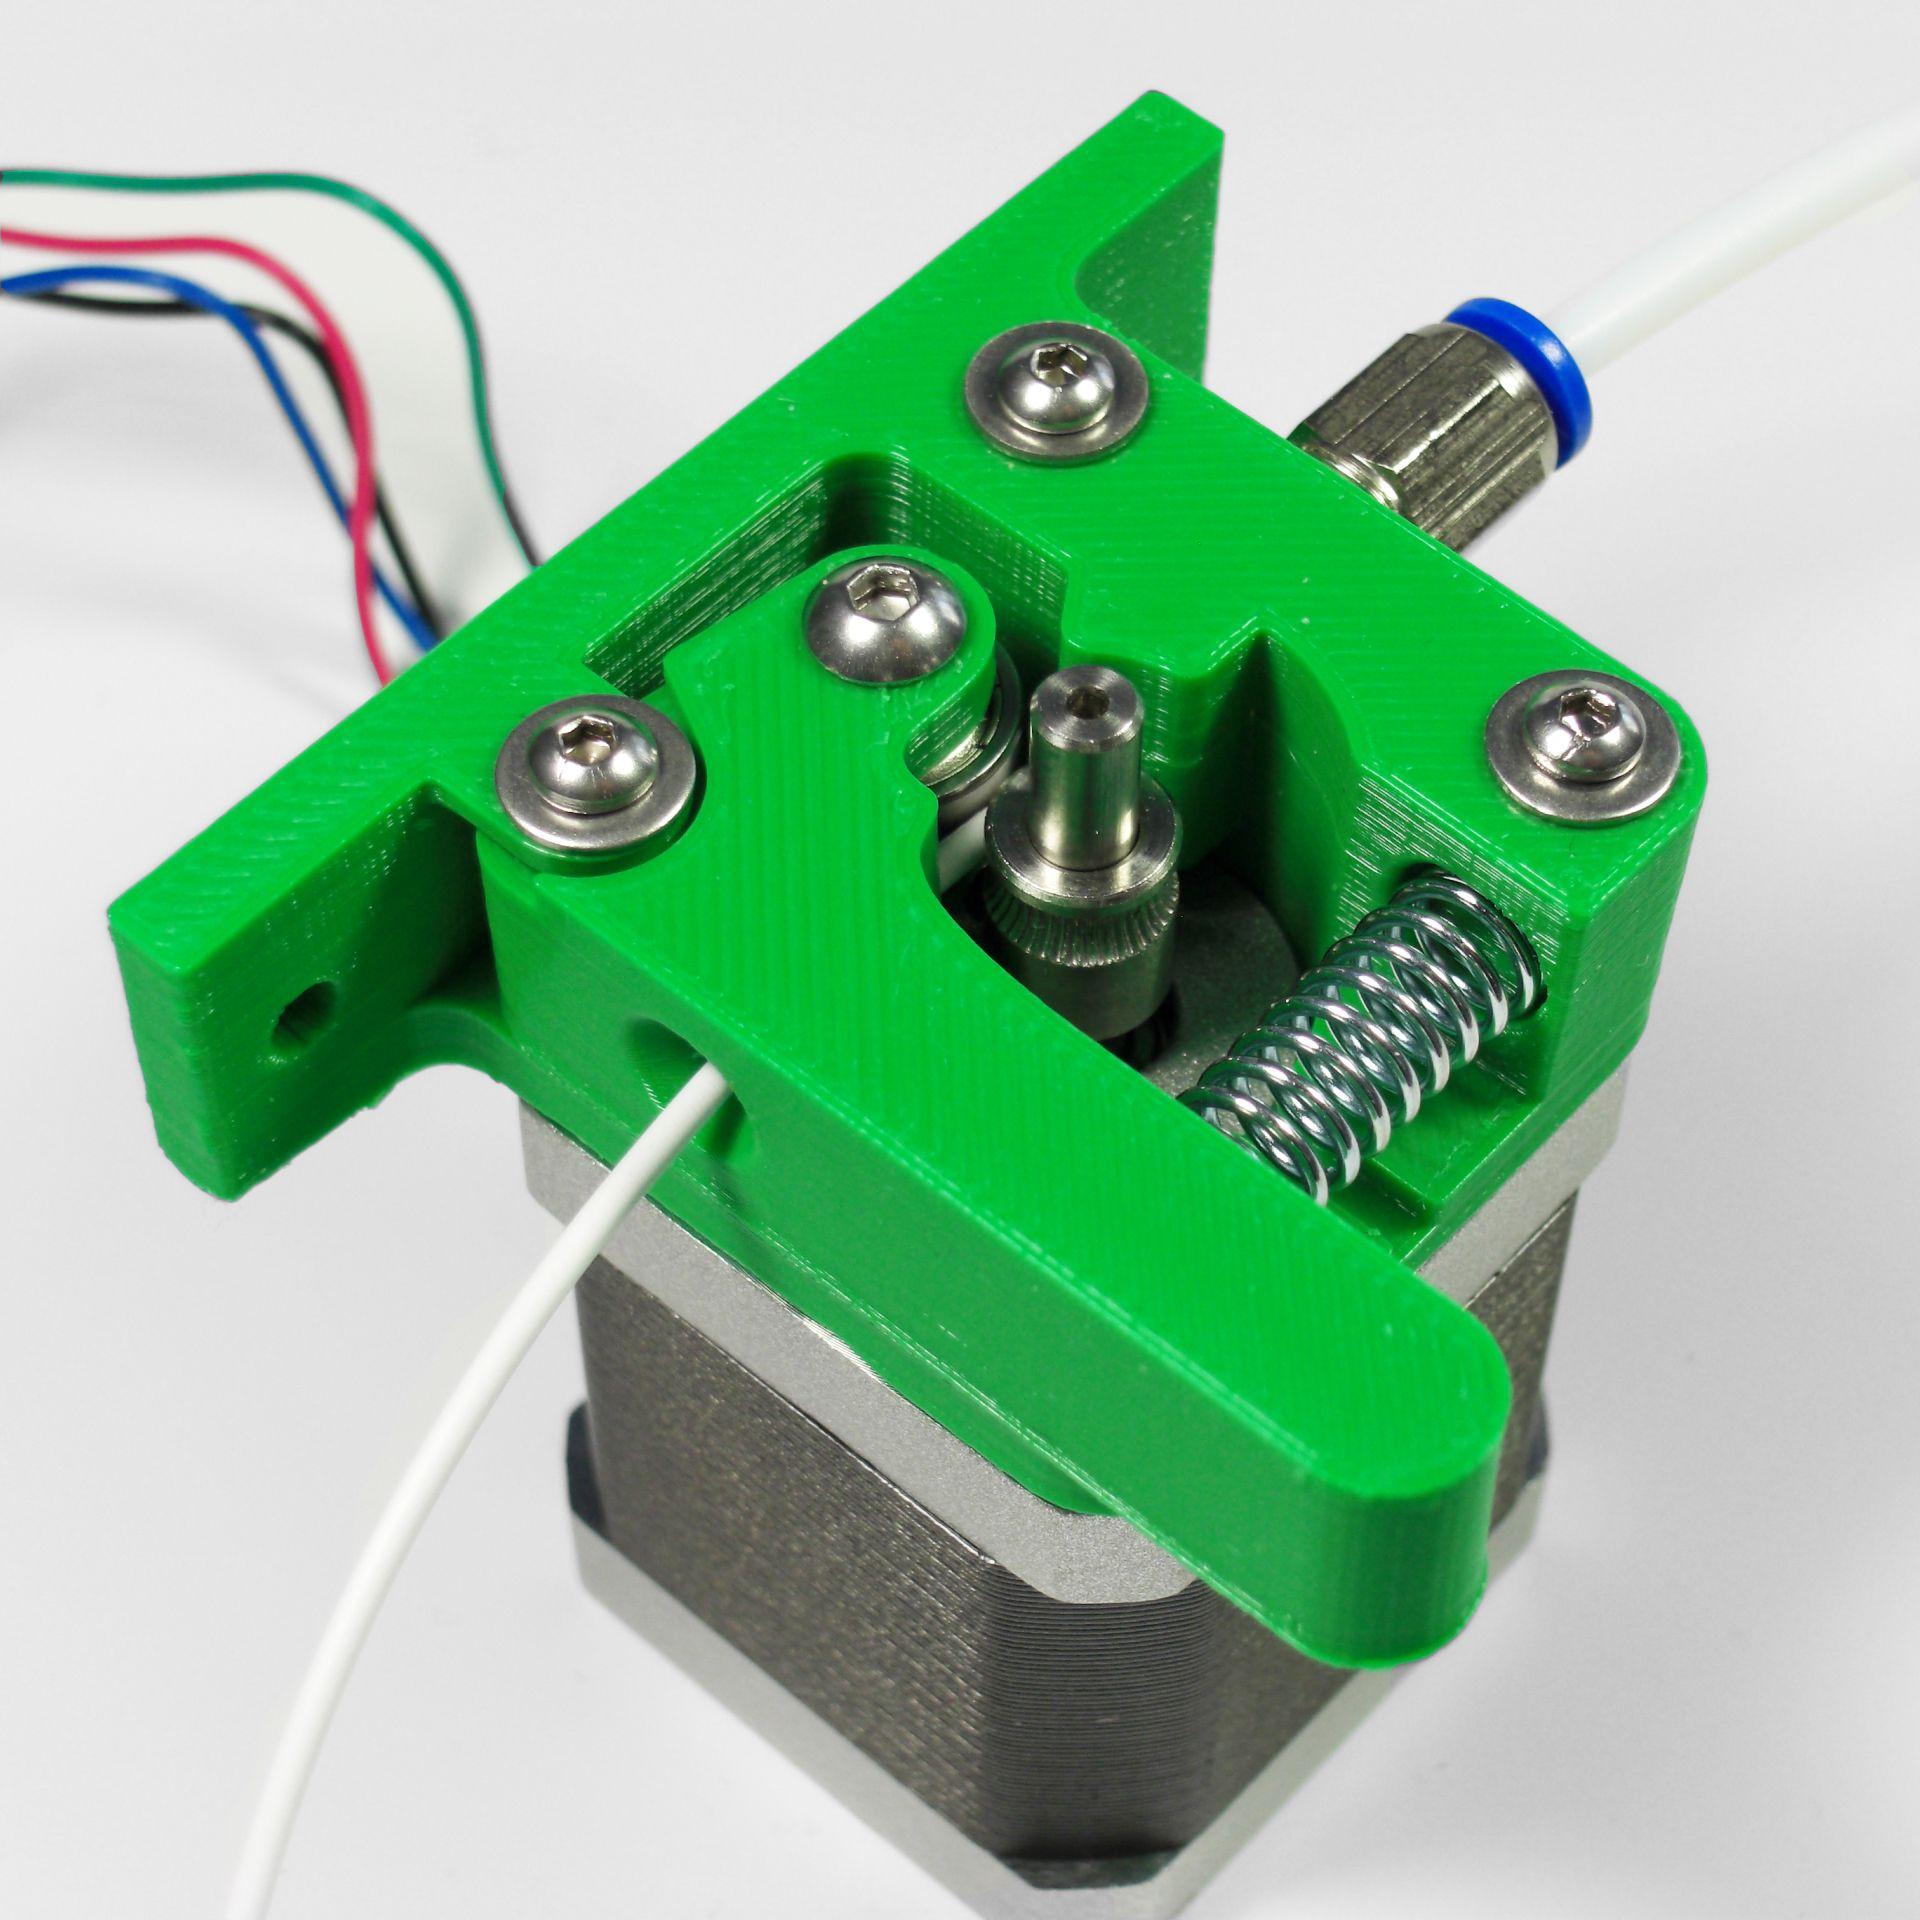 3d printer bowden extruder DIY pure green 3D ideas 3d